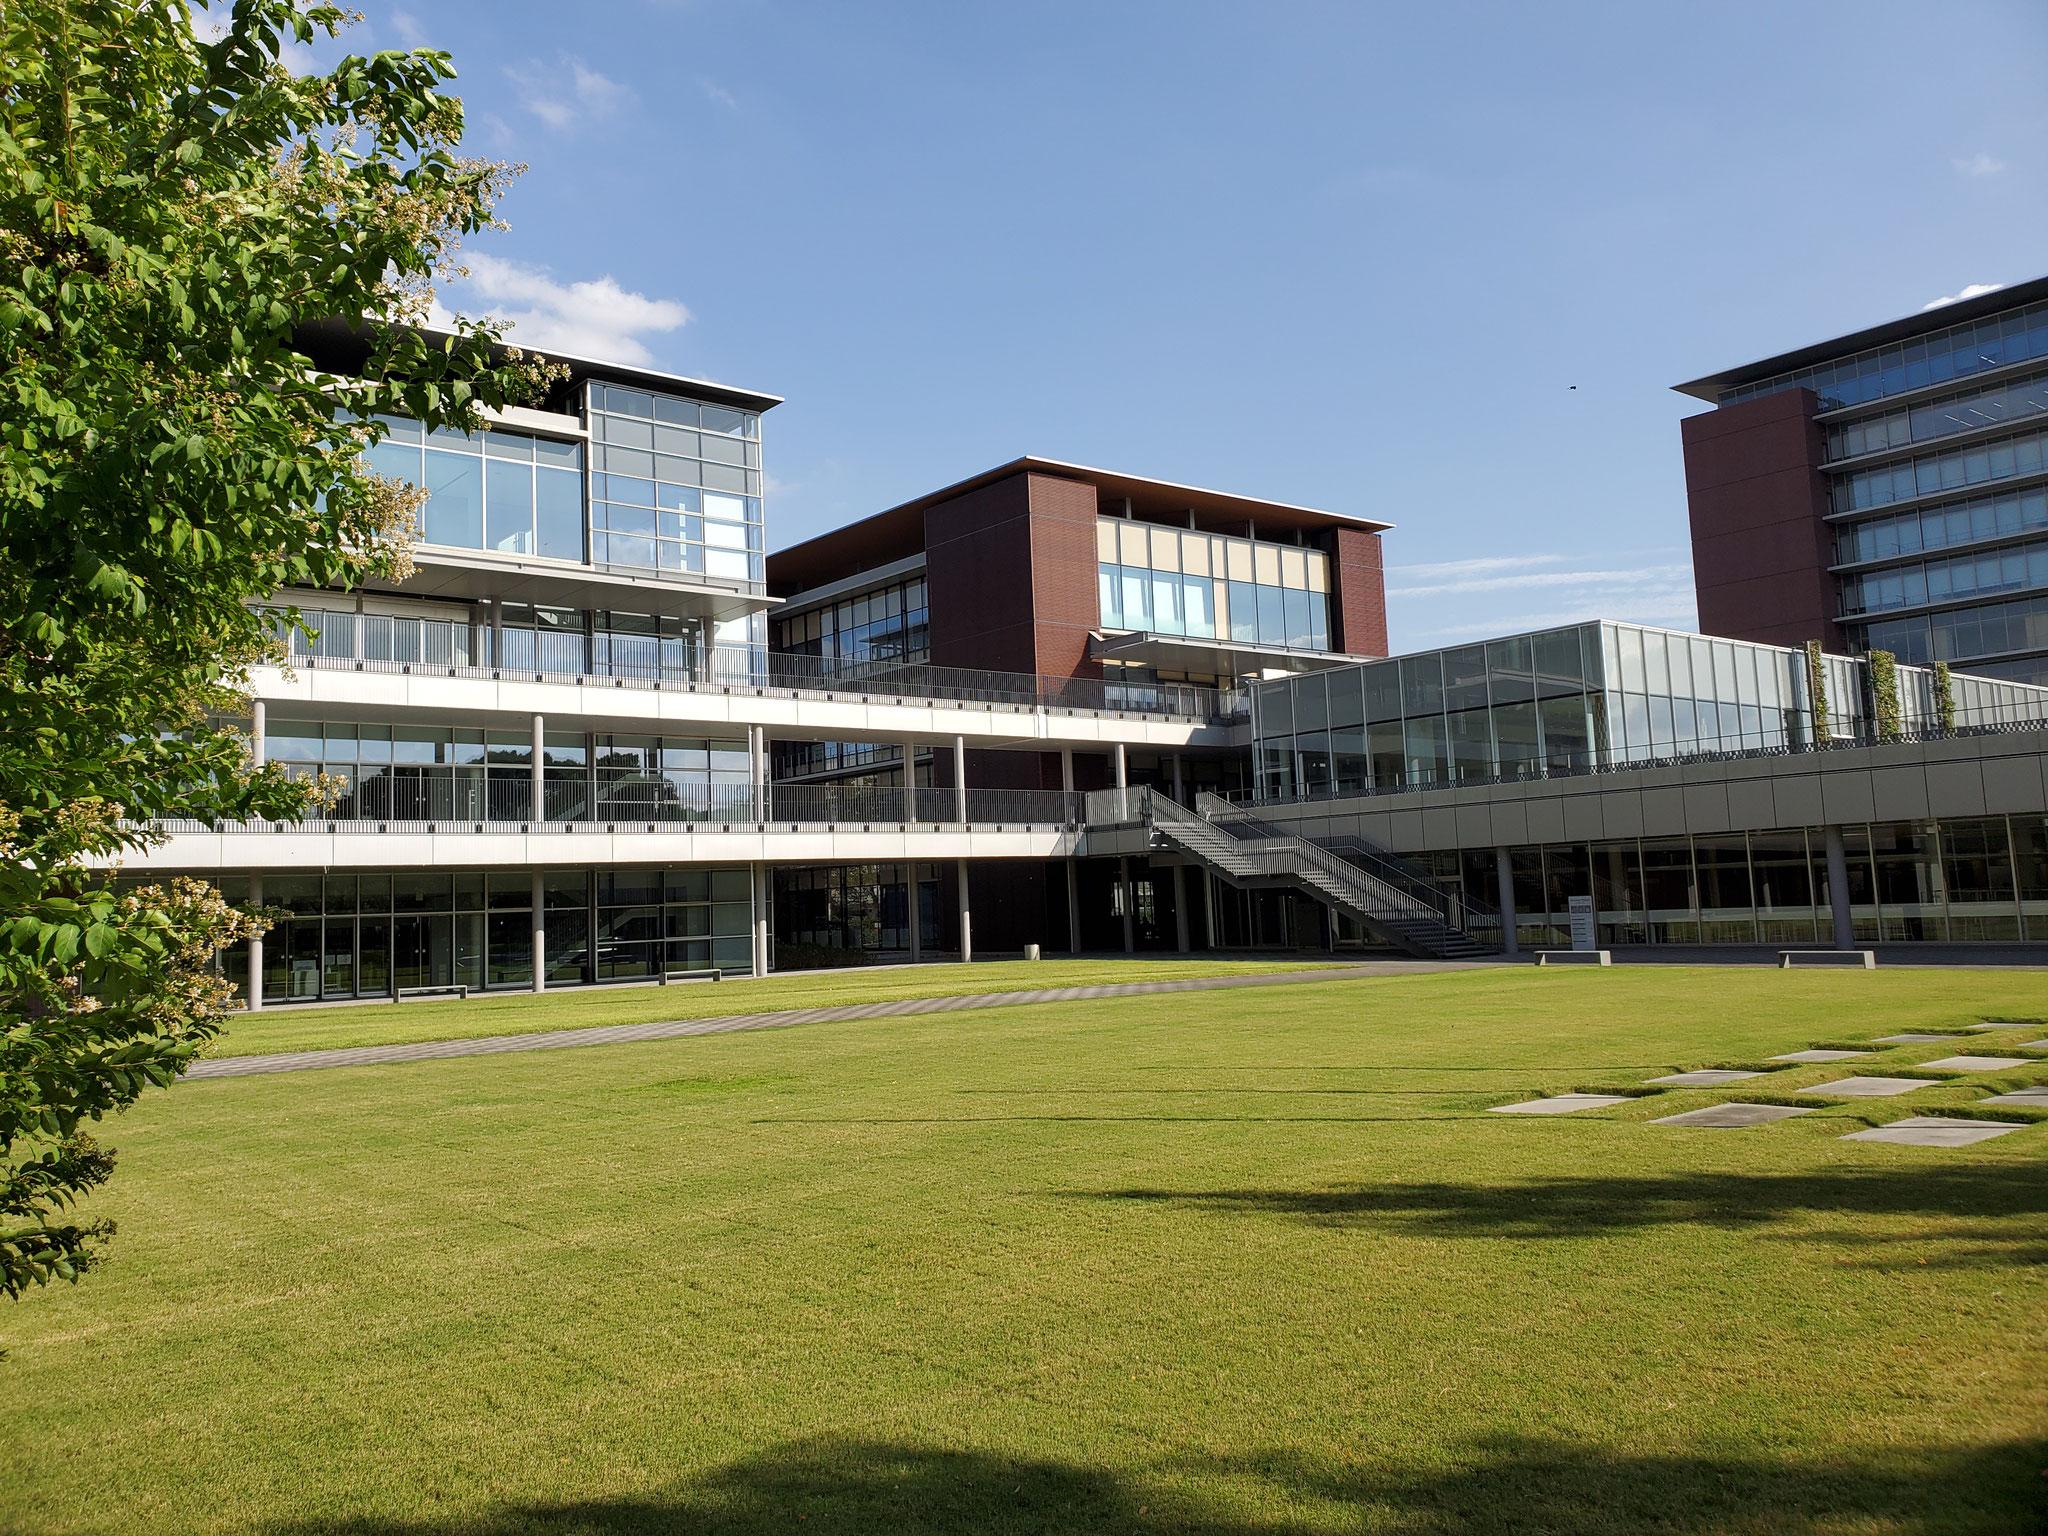 名城公園キャンパス